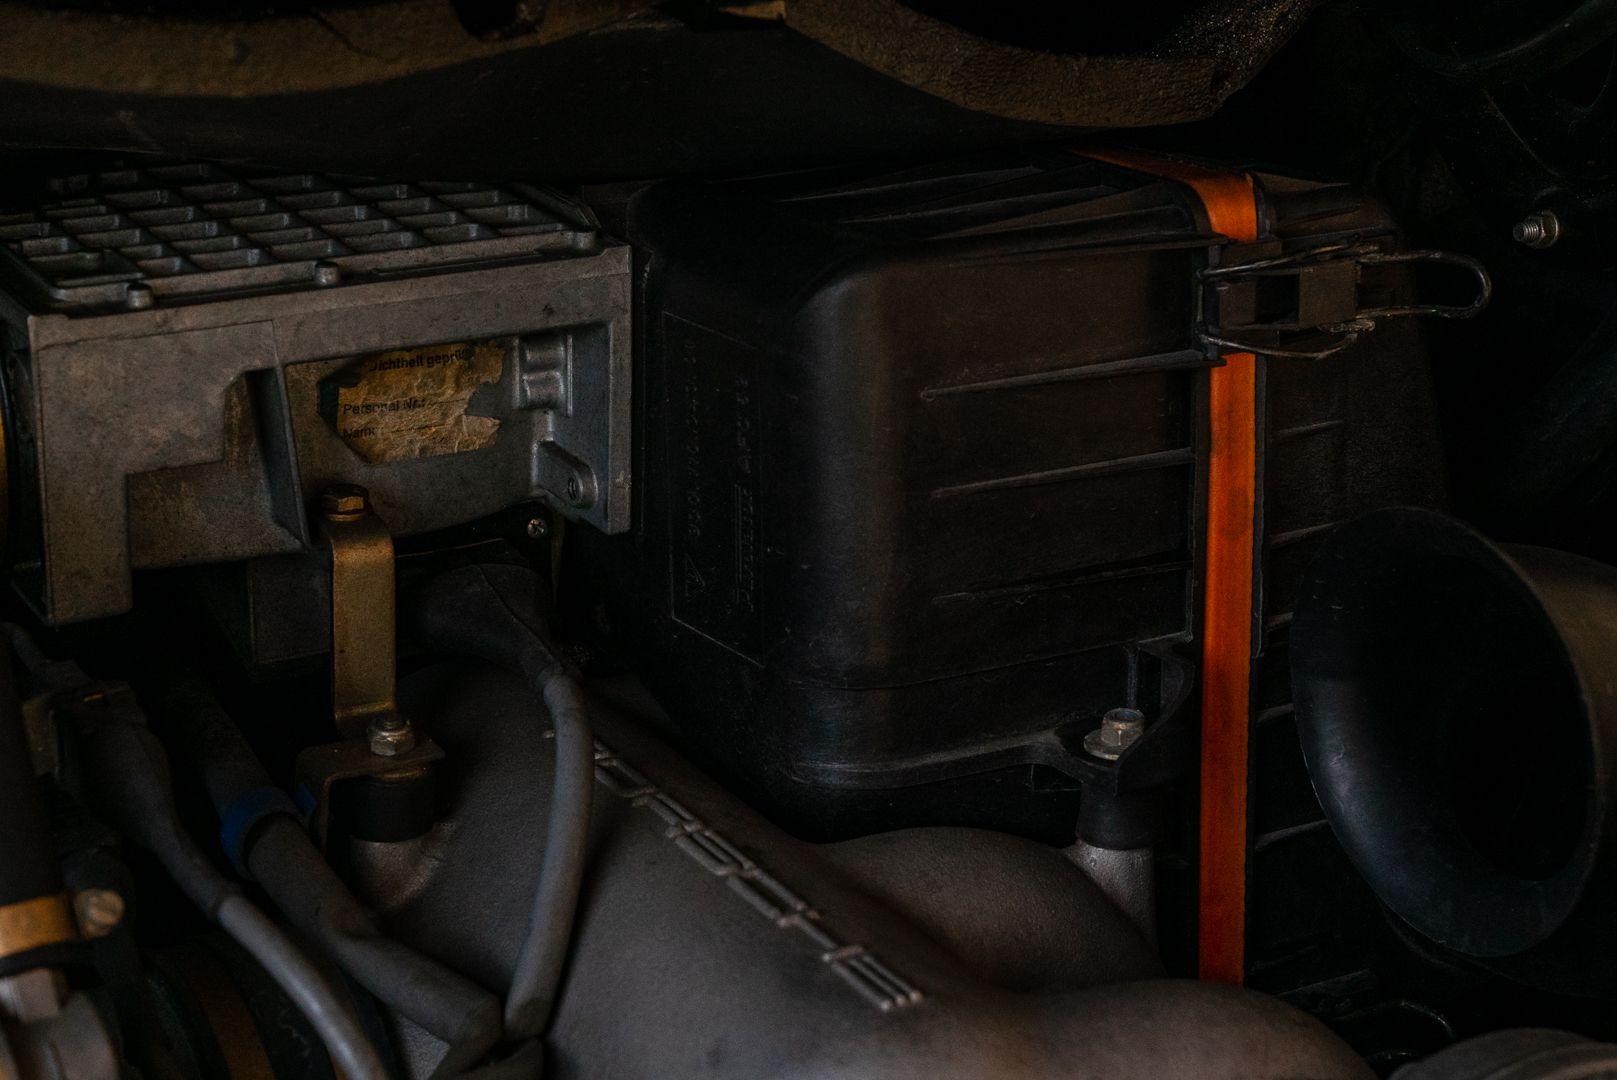 1989 Porsche 911 Speedster Turbo Look 63292